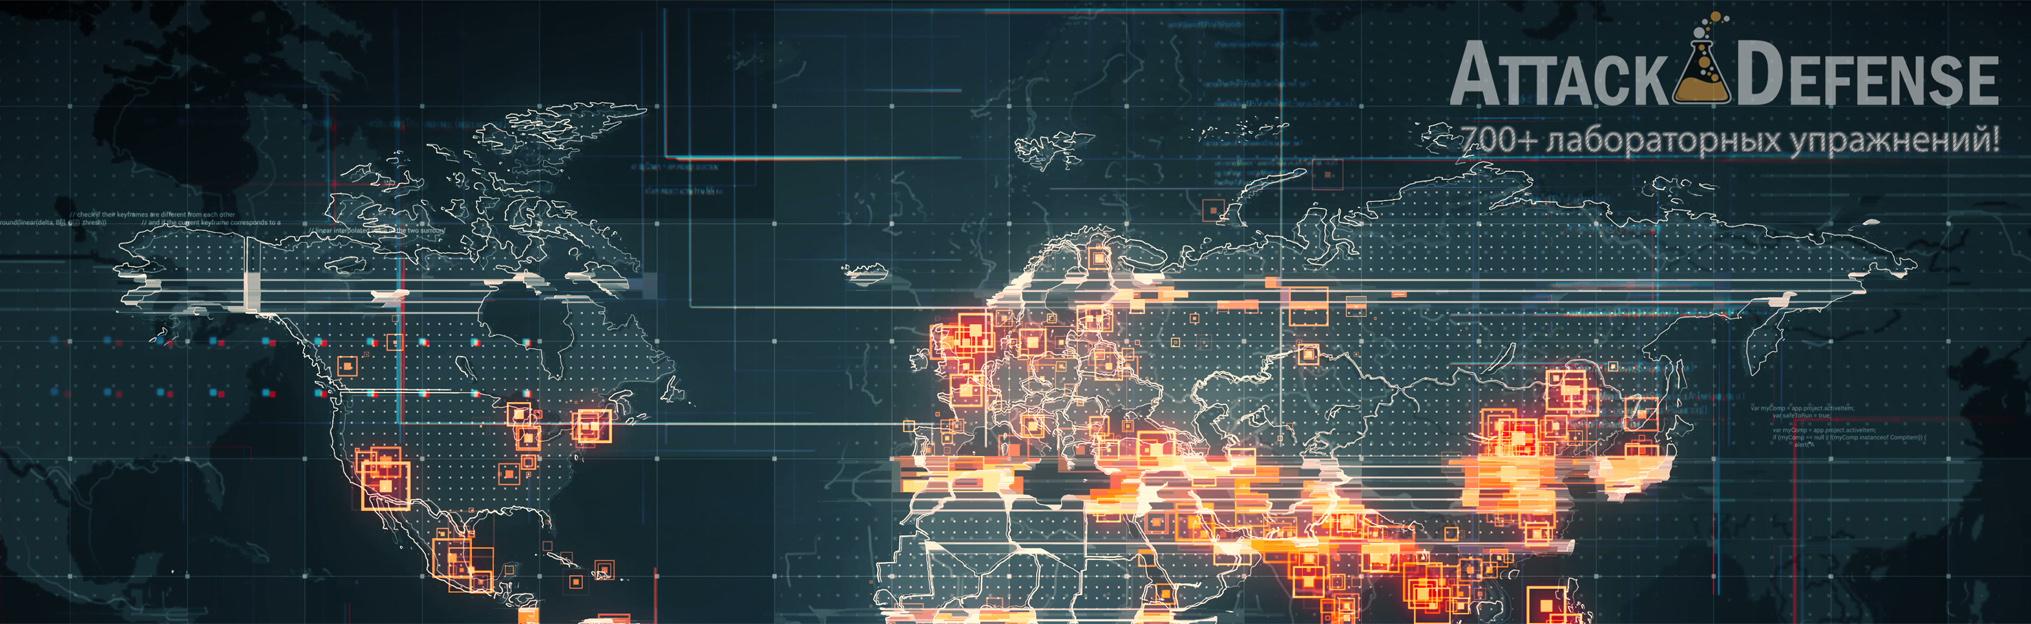 Инстансы по информационной безопасности на платформе attackdefense.com